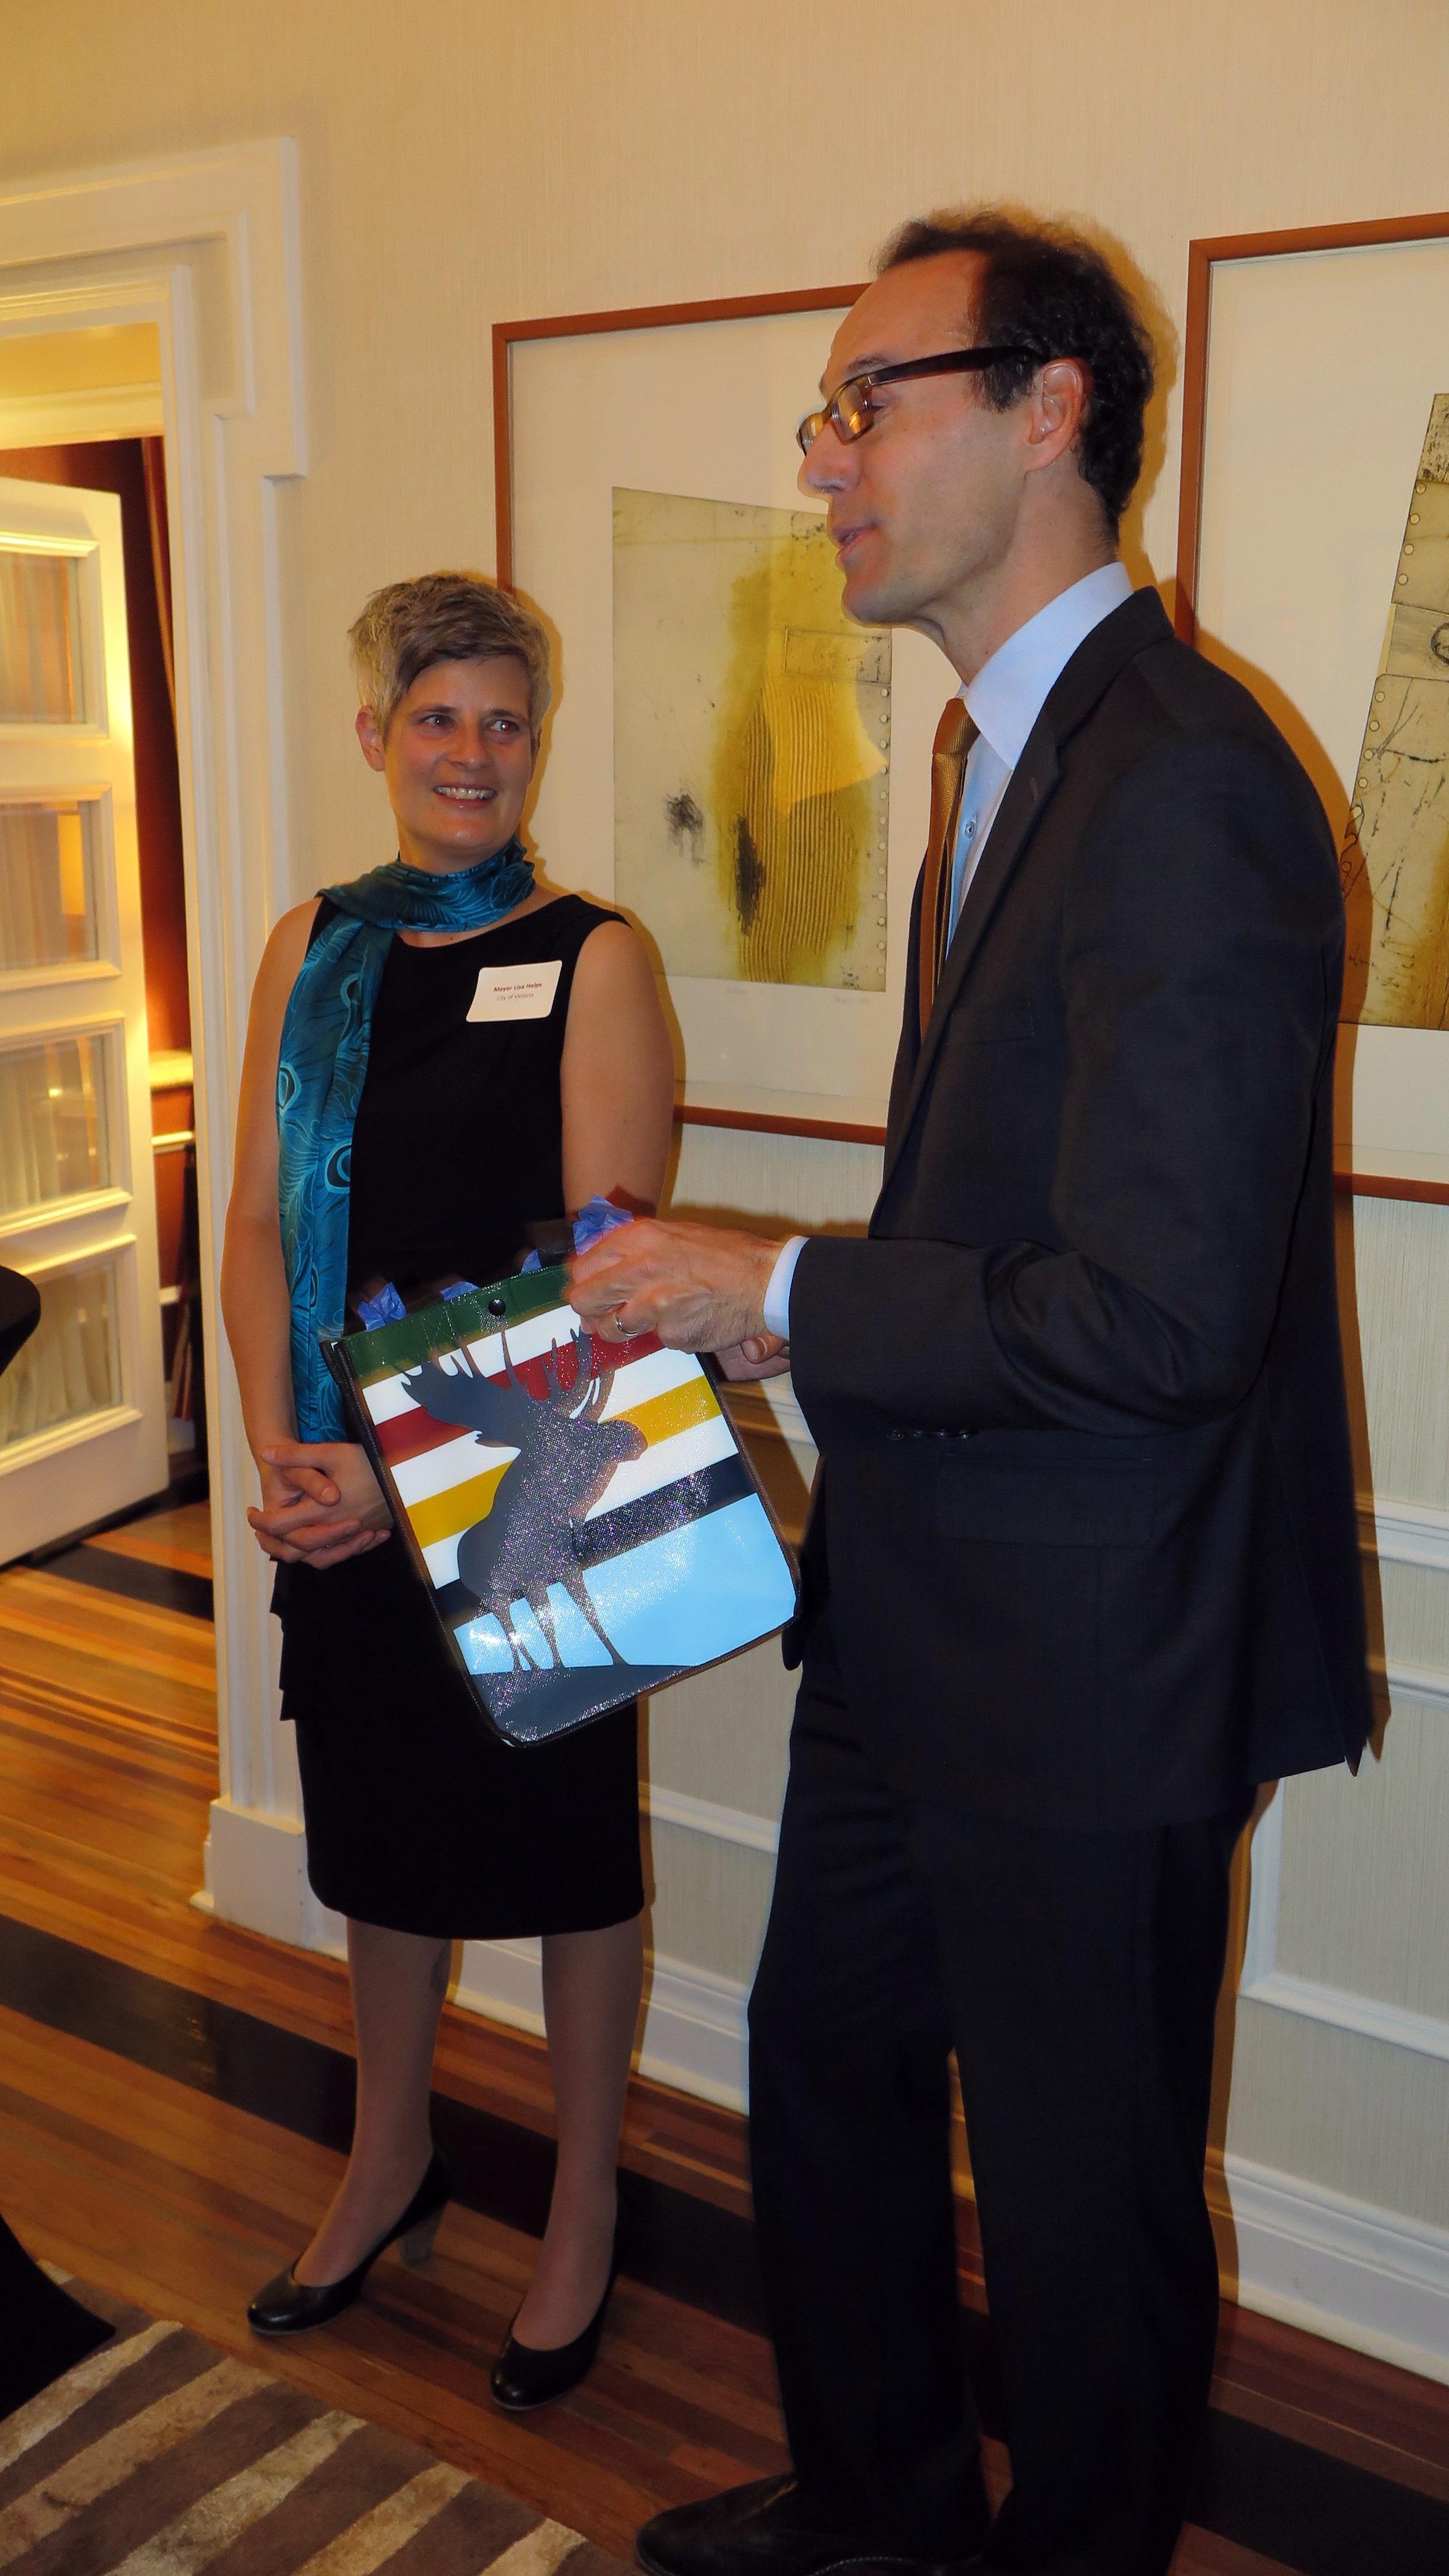 维多利亚市长Mrs.Helps 向总领事 Mr. Epp 赠送礼物